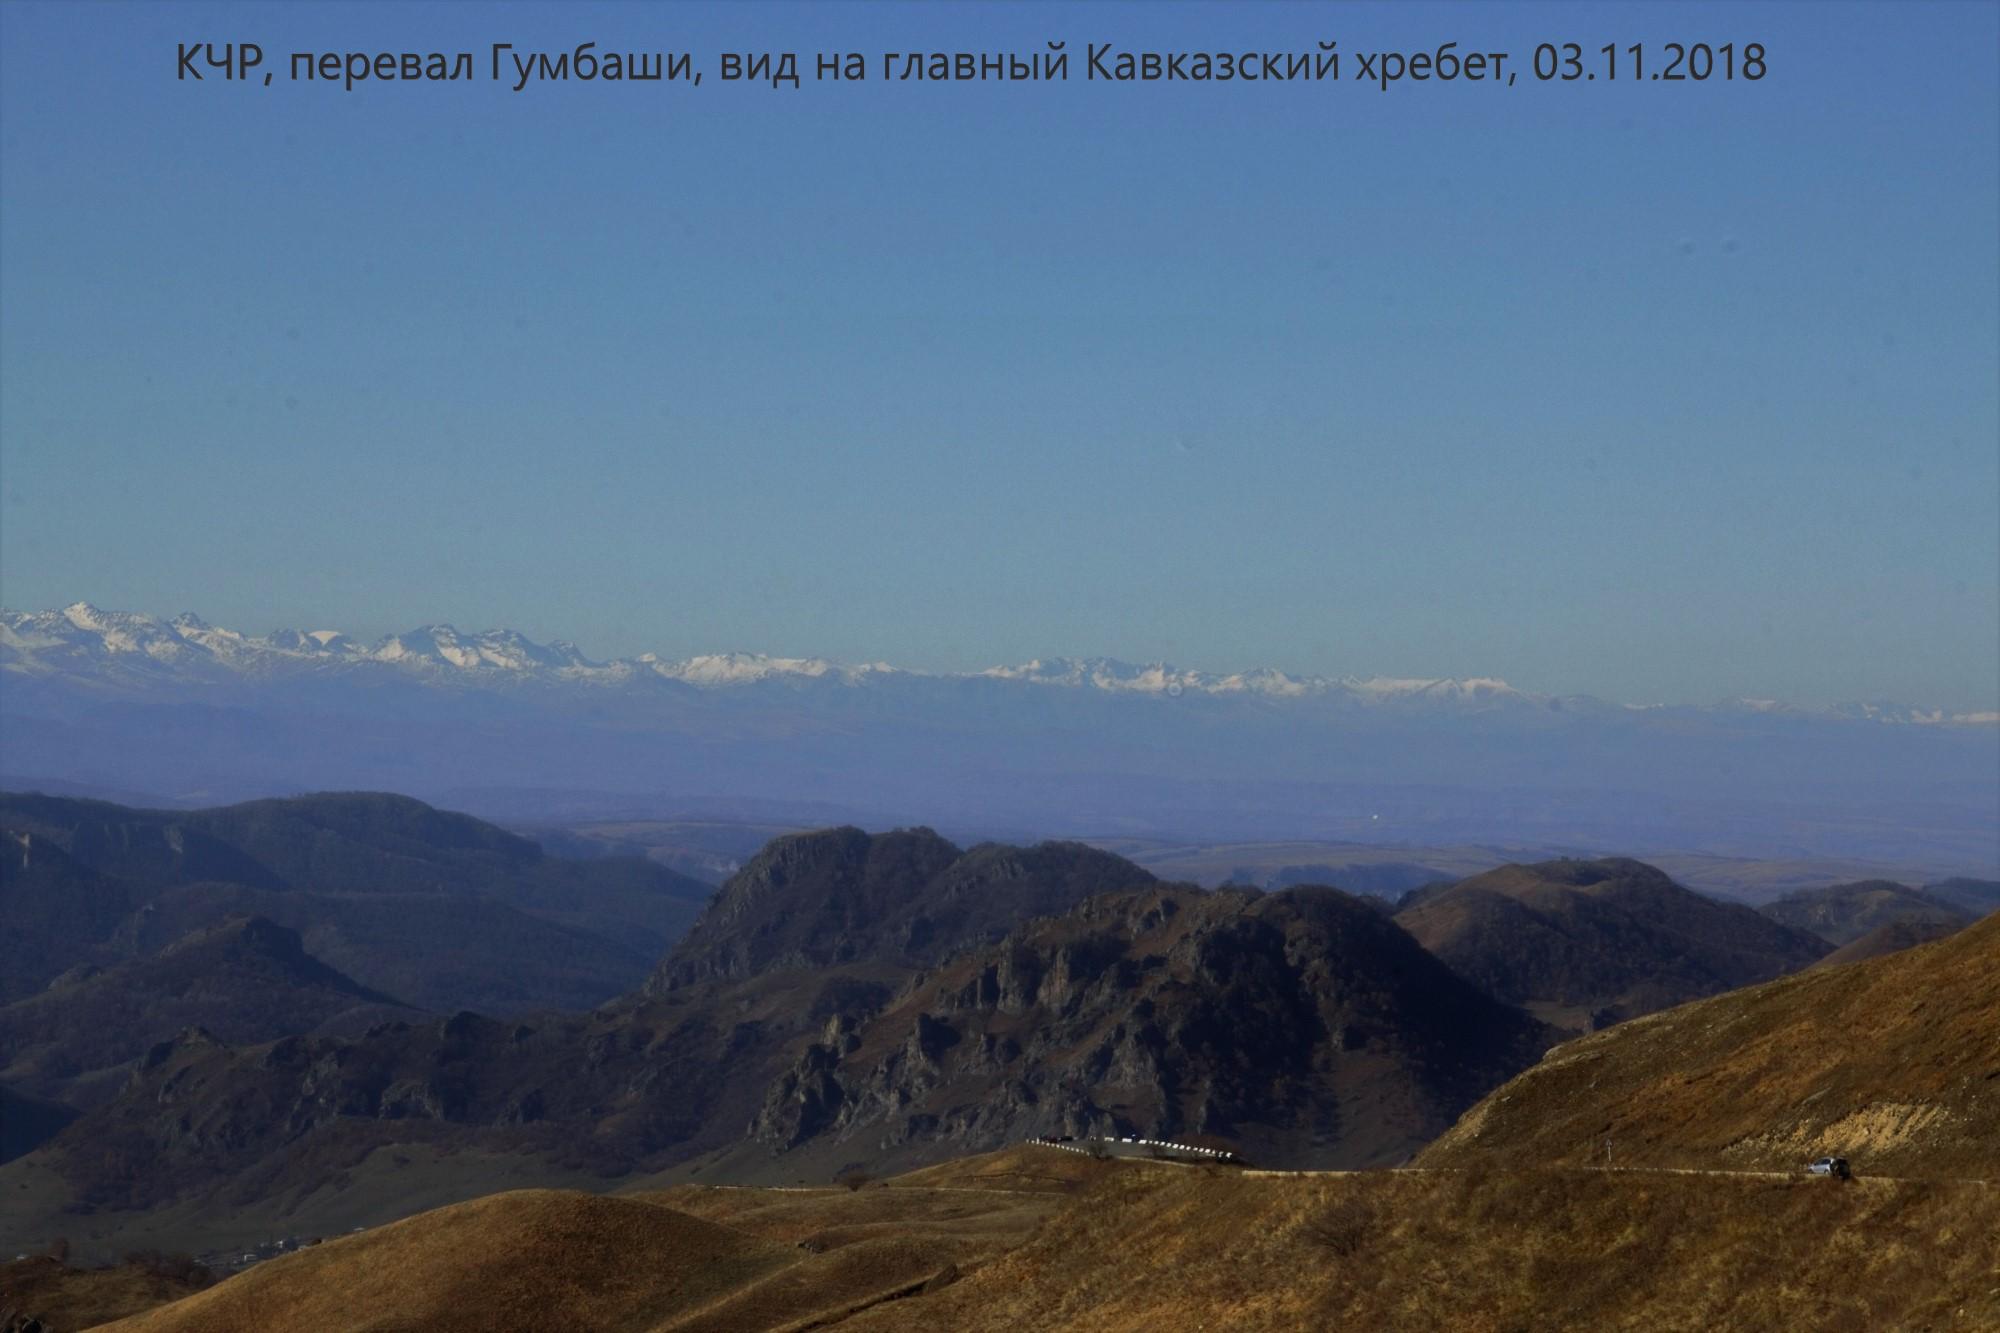 Главный Кавказский хребет. Вид с перевала Гумбаши.